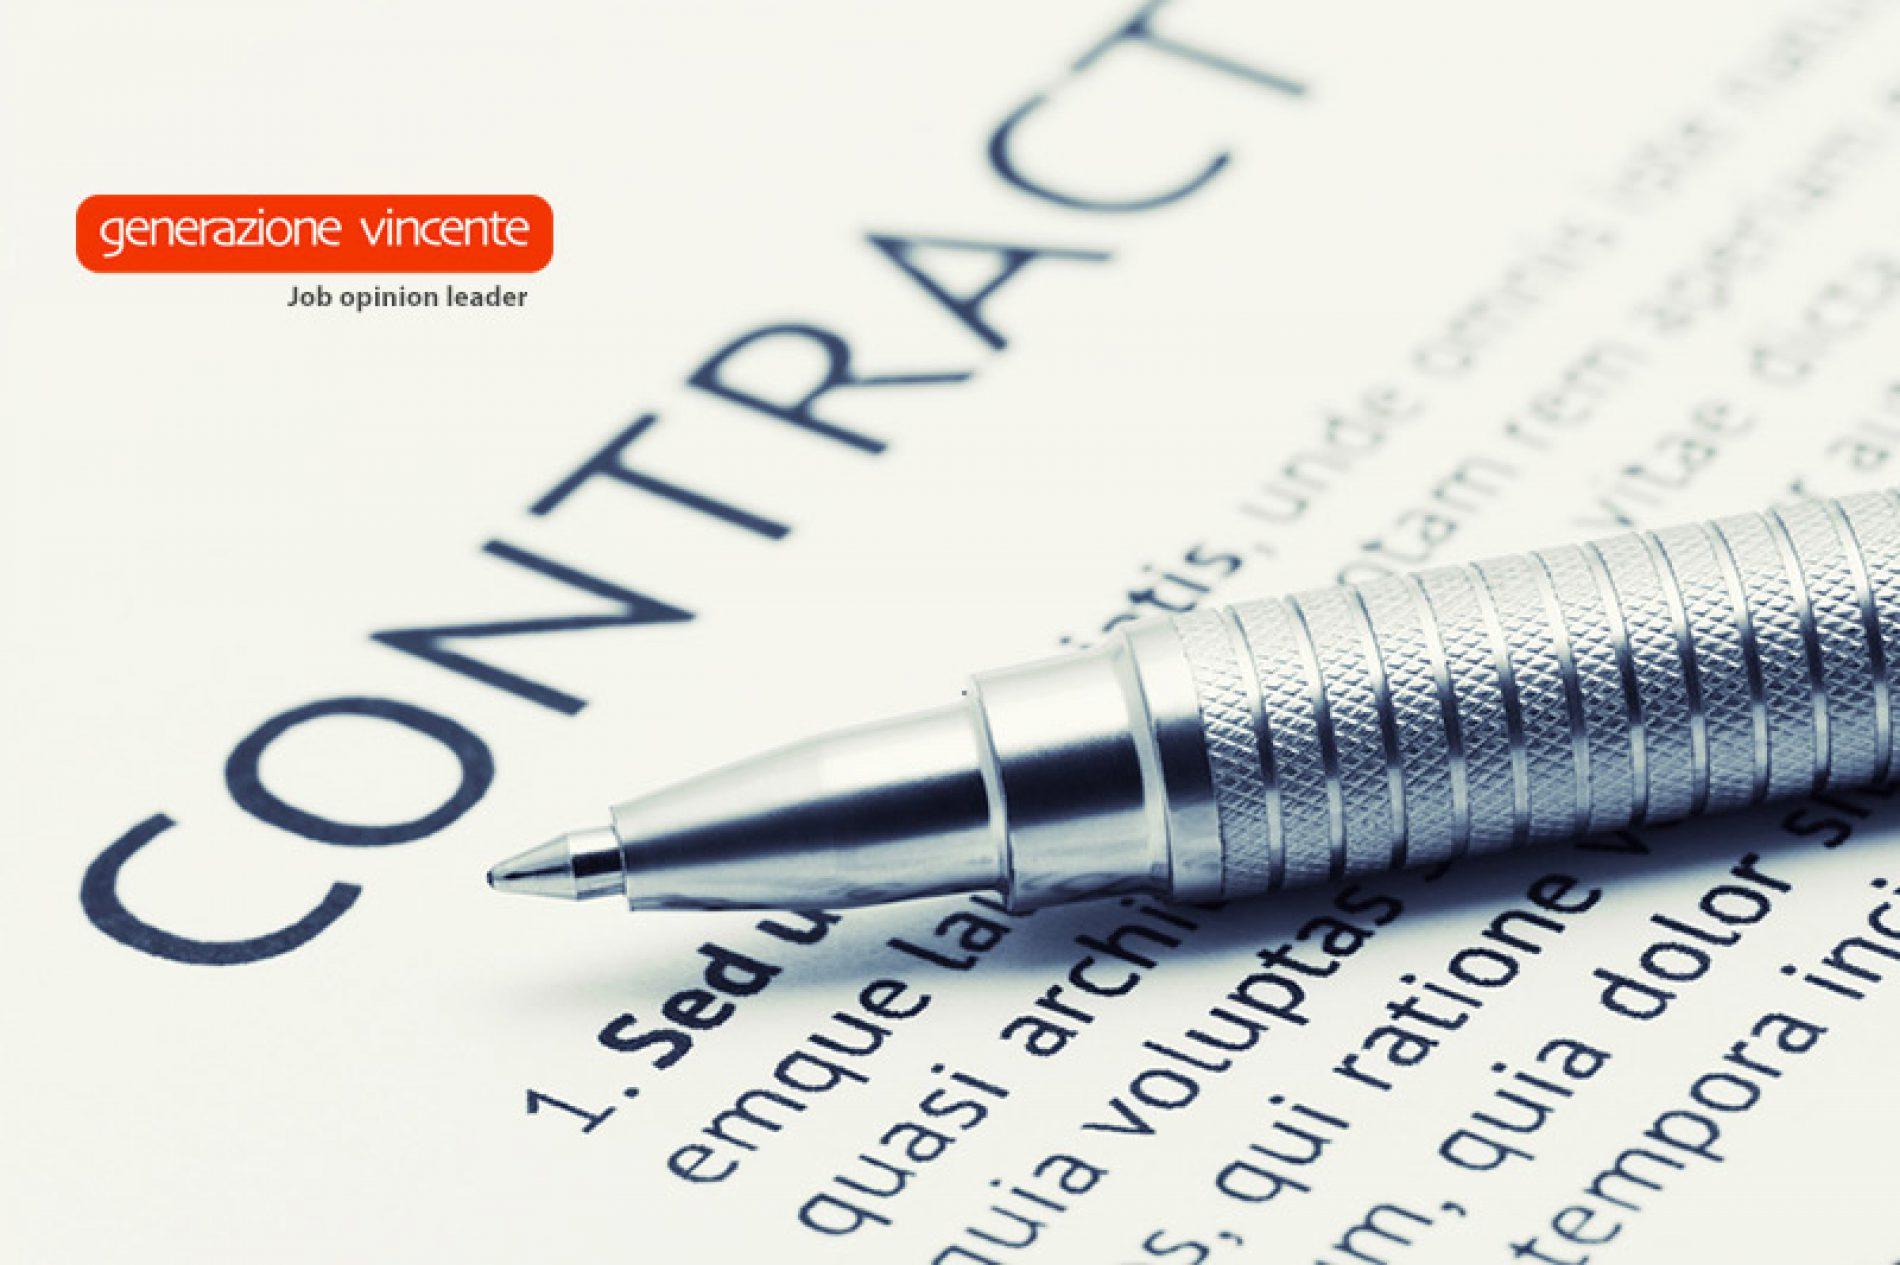 Jobs act : pubblicato il decreto 81/2015 sulla razionalizzazione dei contratti di lavoro. La disciplina della somministrazione passa tutta per i contratti aziendali